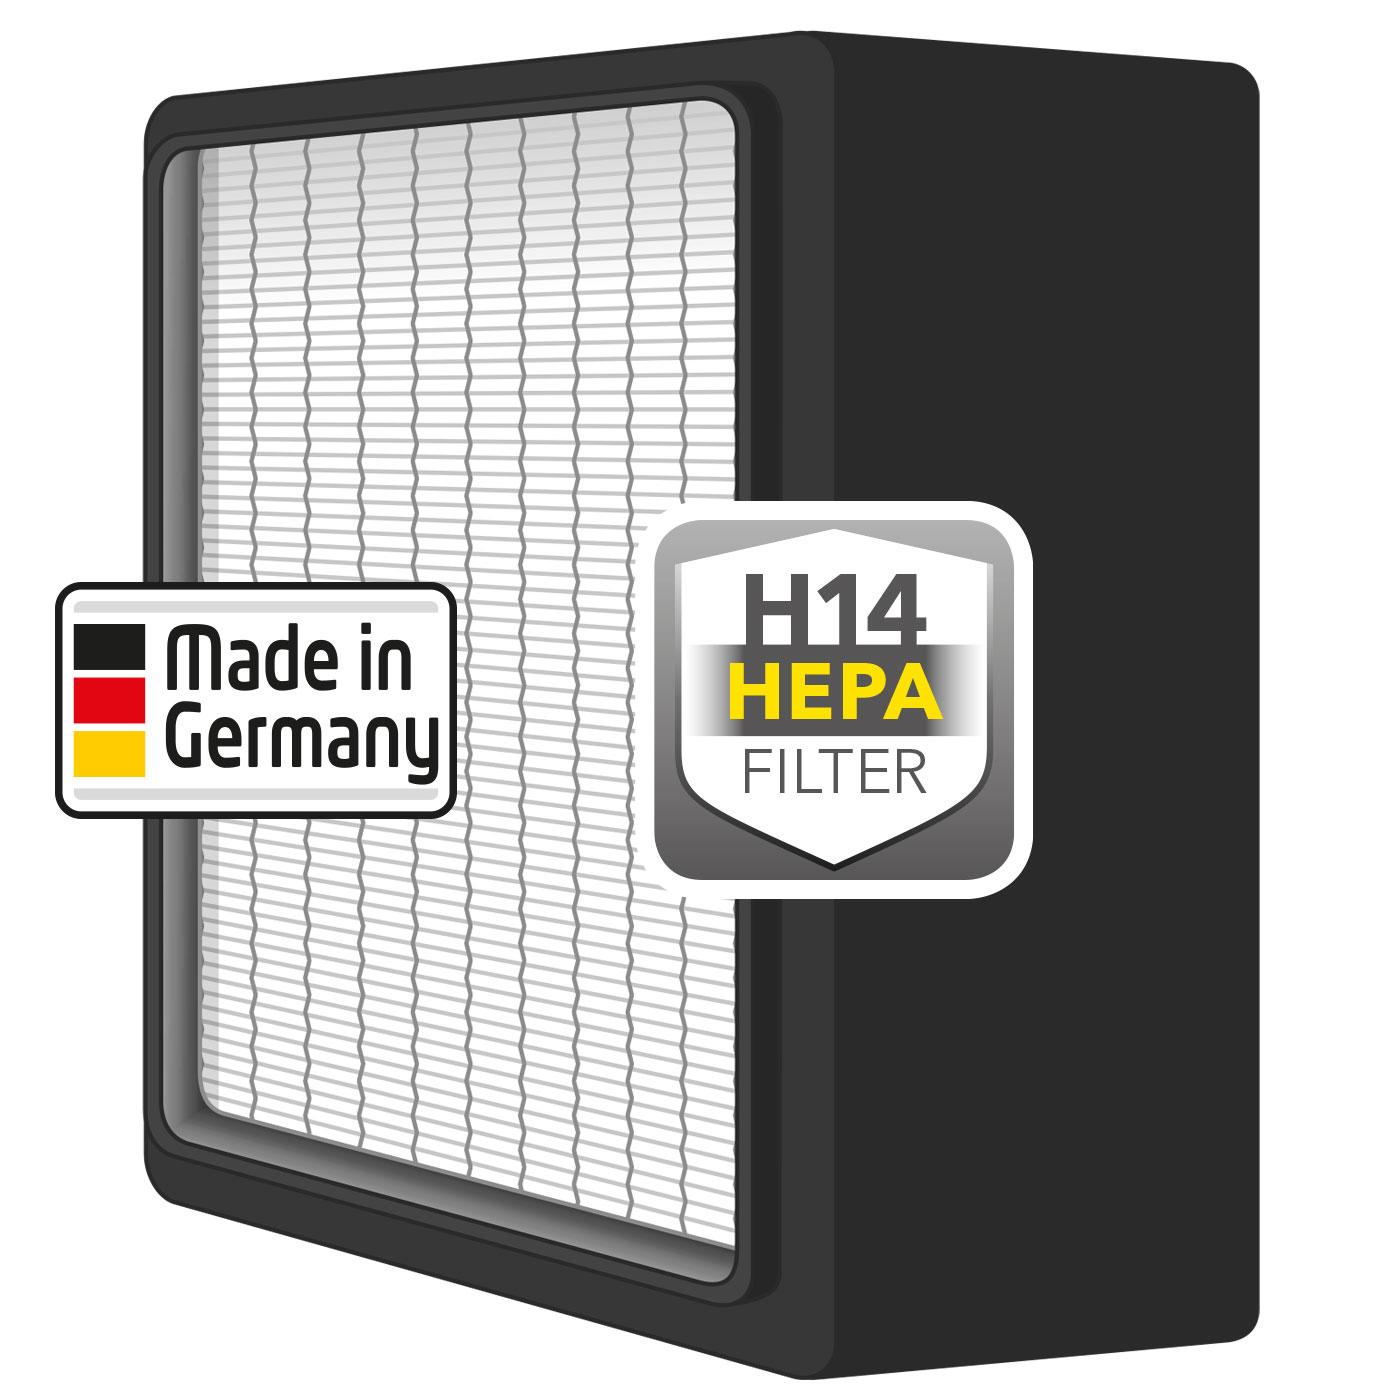 H14 HEPA фильтр (EN 1822)